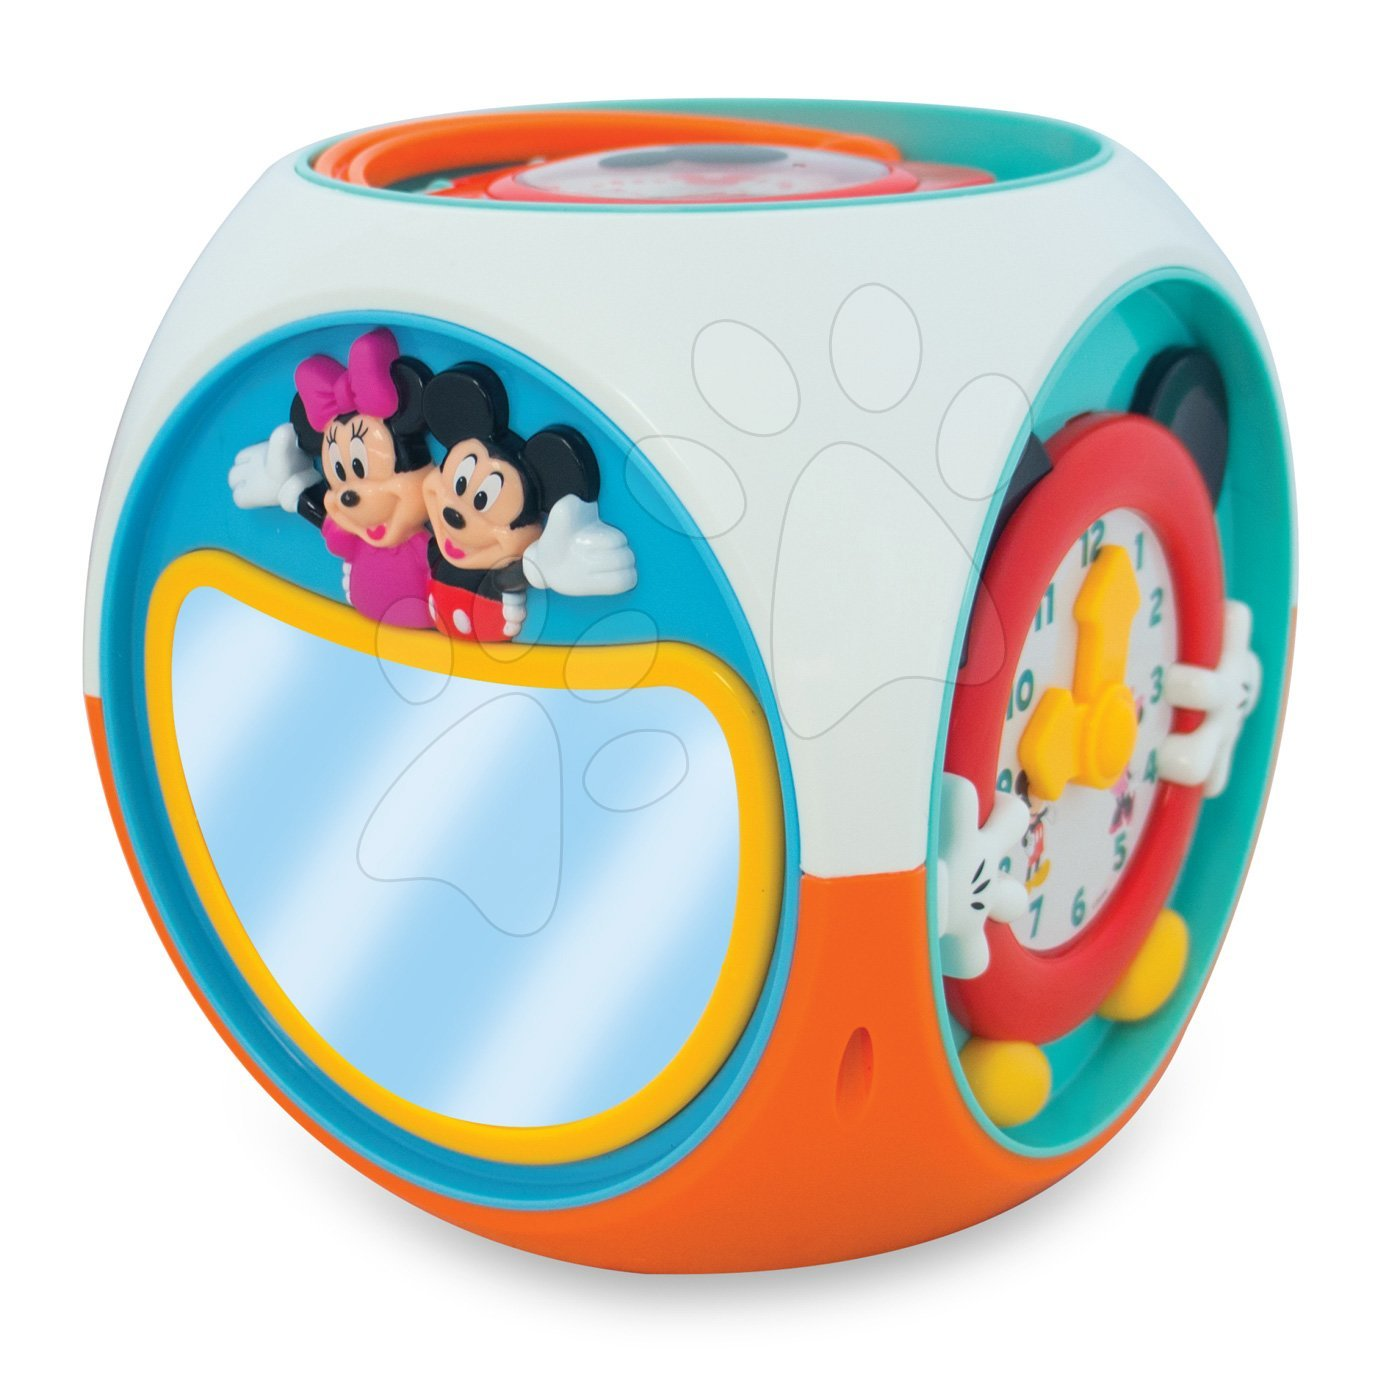 Interaktívna kocka Mickey Mouse Kiddieland so zvukmi a svetlom od 12 mes